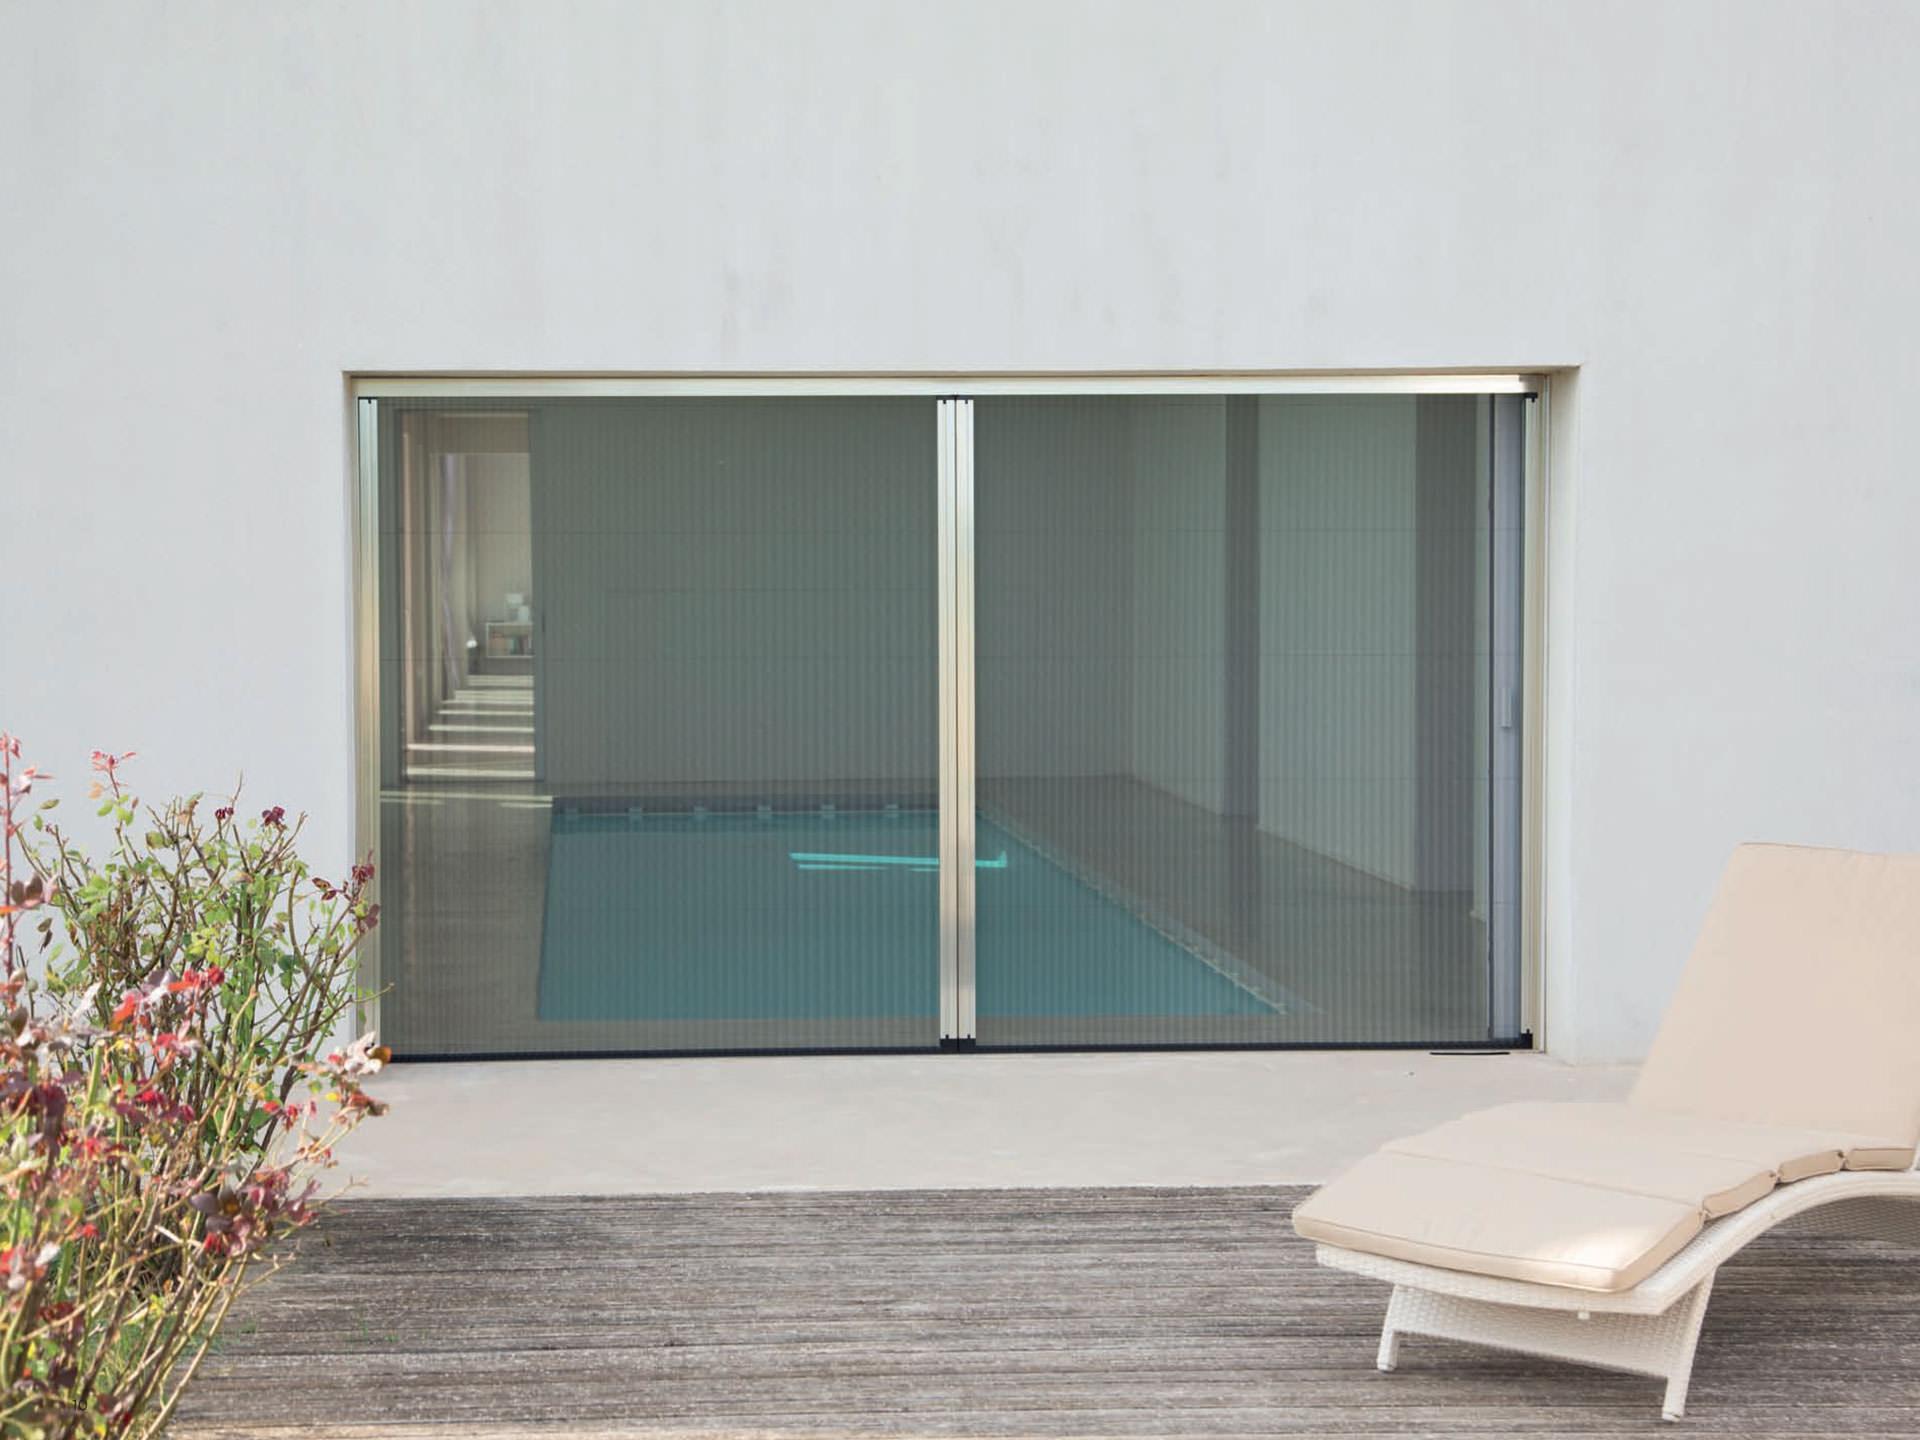 Vendita e montaggio zanzariere per porte e finestre a rimini euroser di massimo abazia - Zanzariere per finestre ...